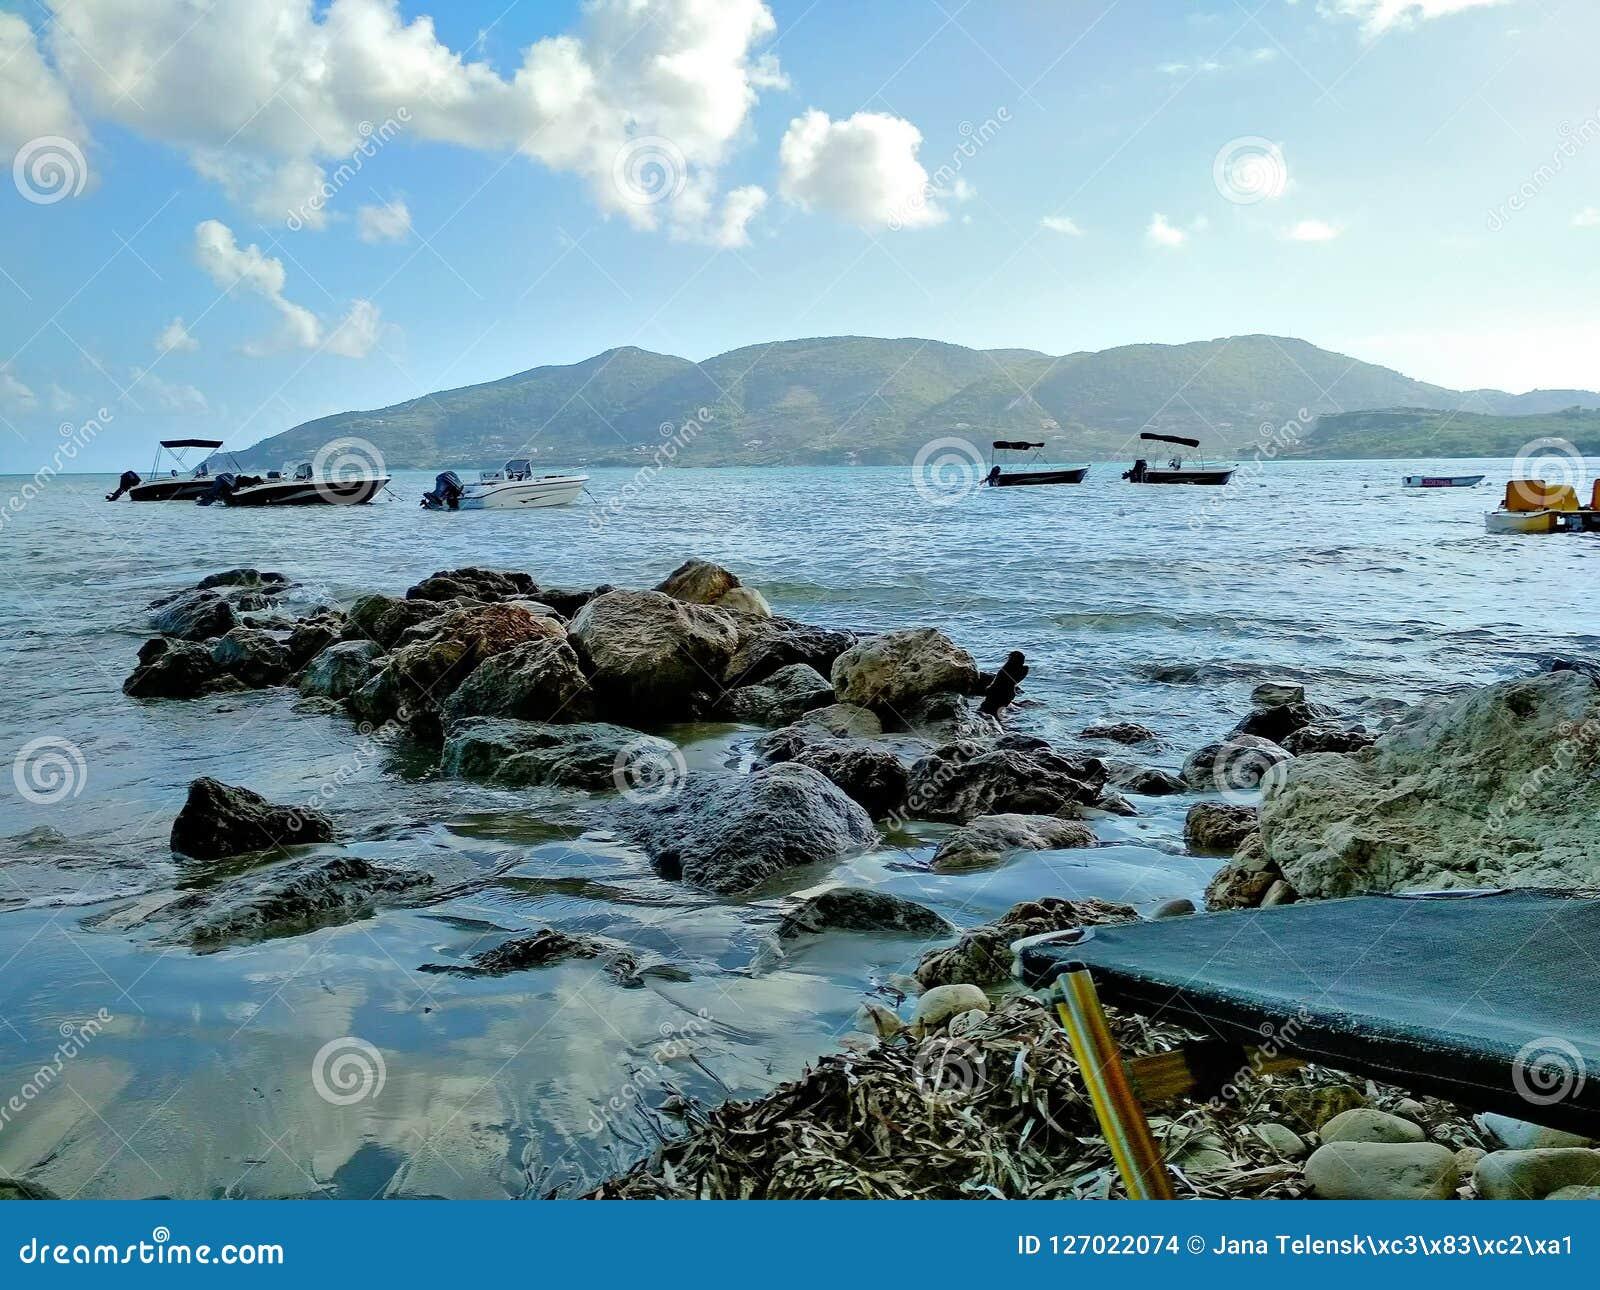 Μια πετρώδης παραλία θαλασσίως στο νησί Ζάκυνθος